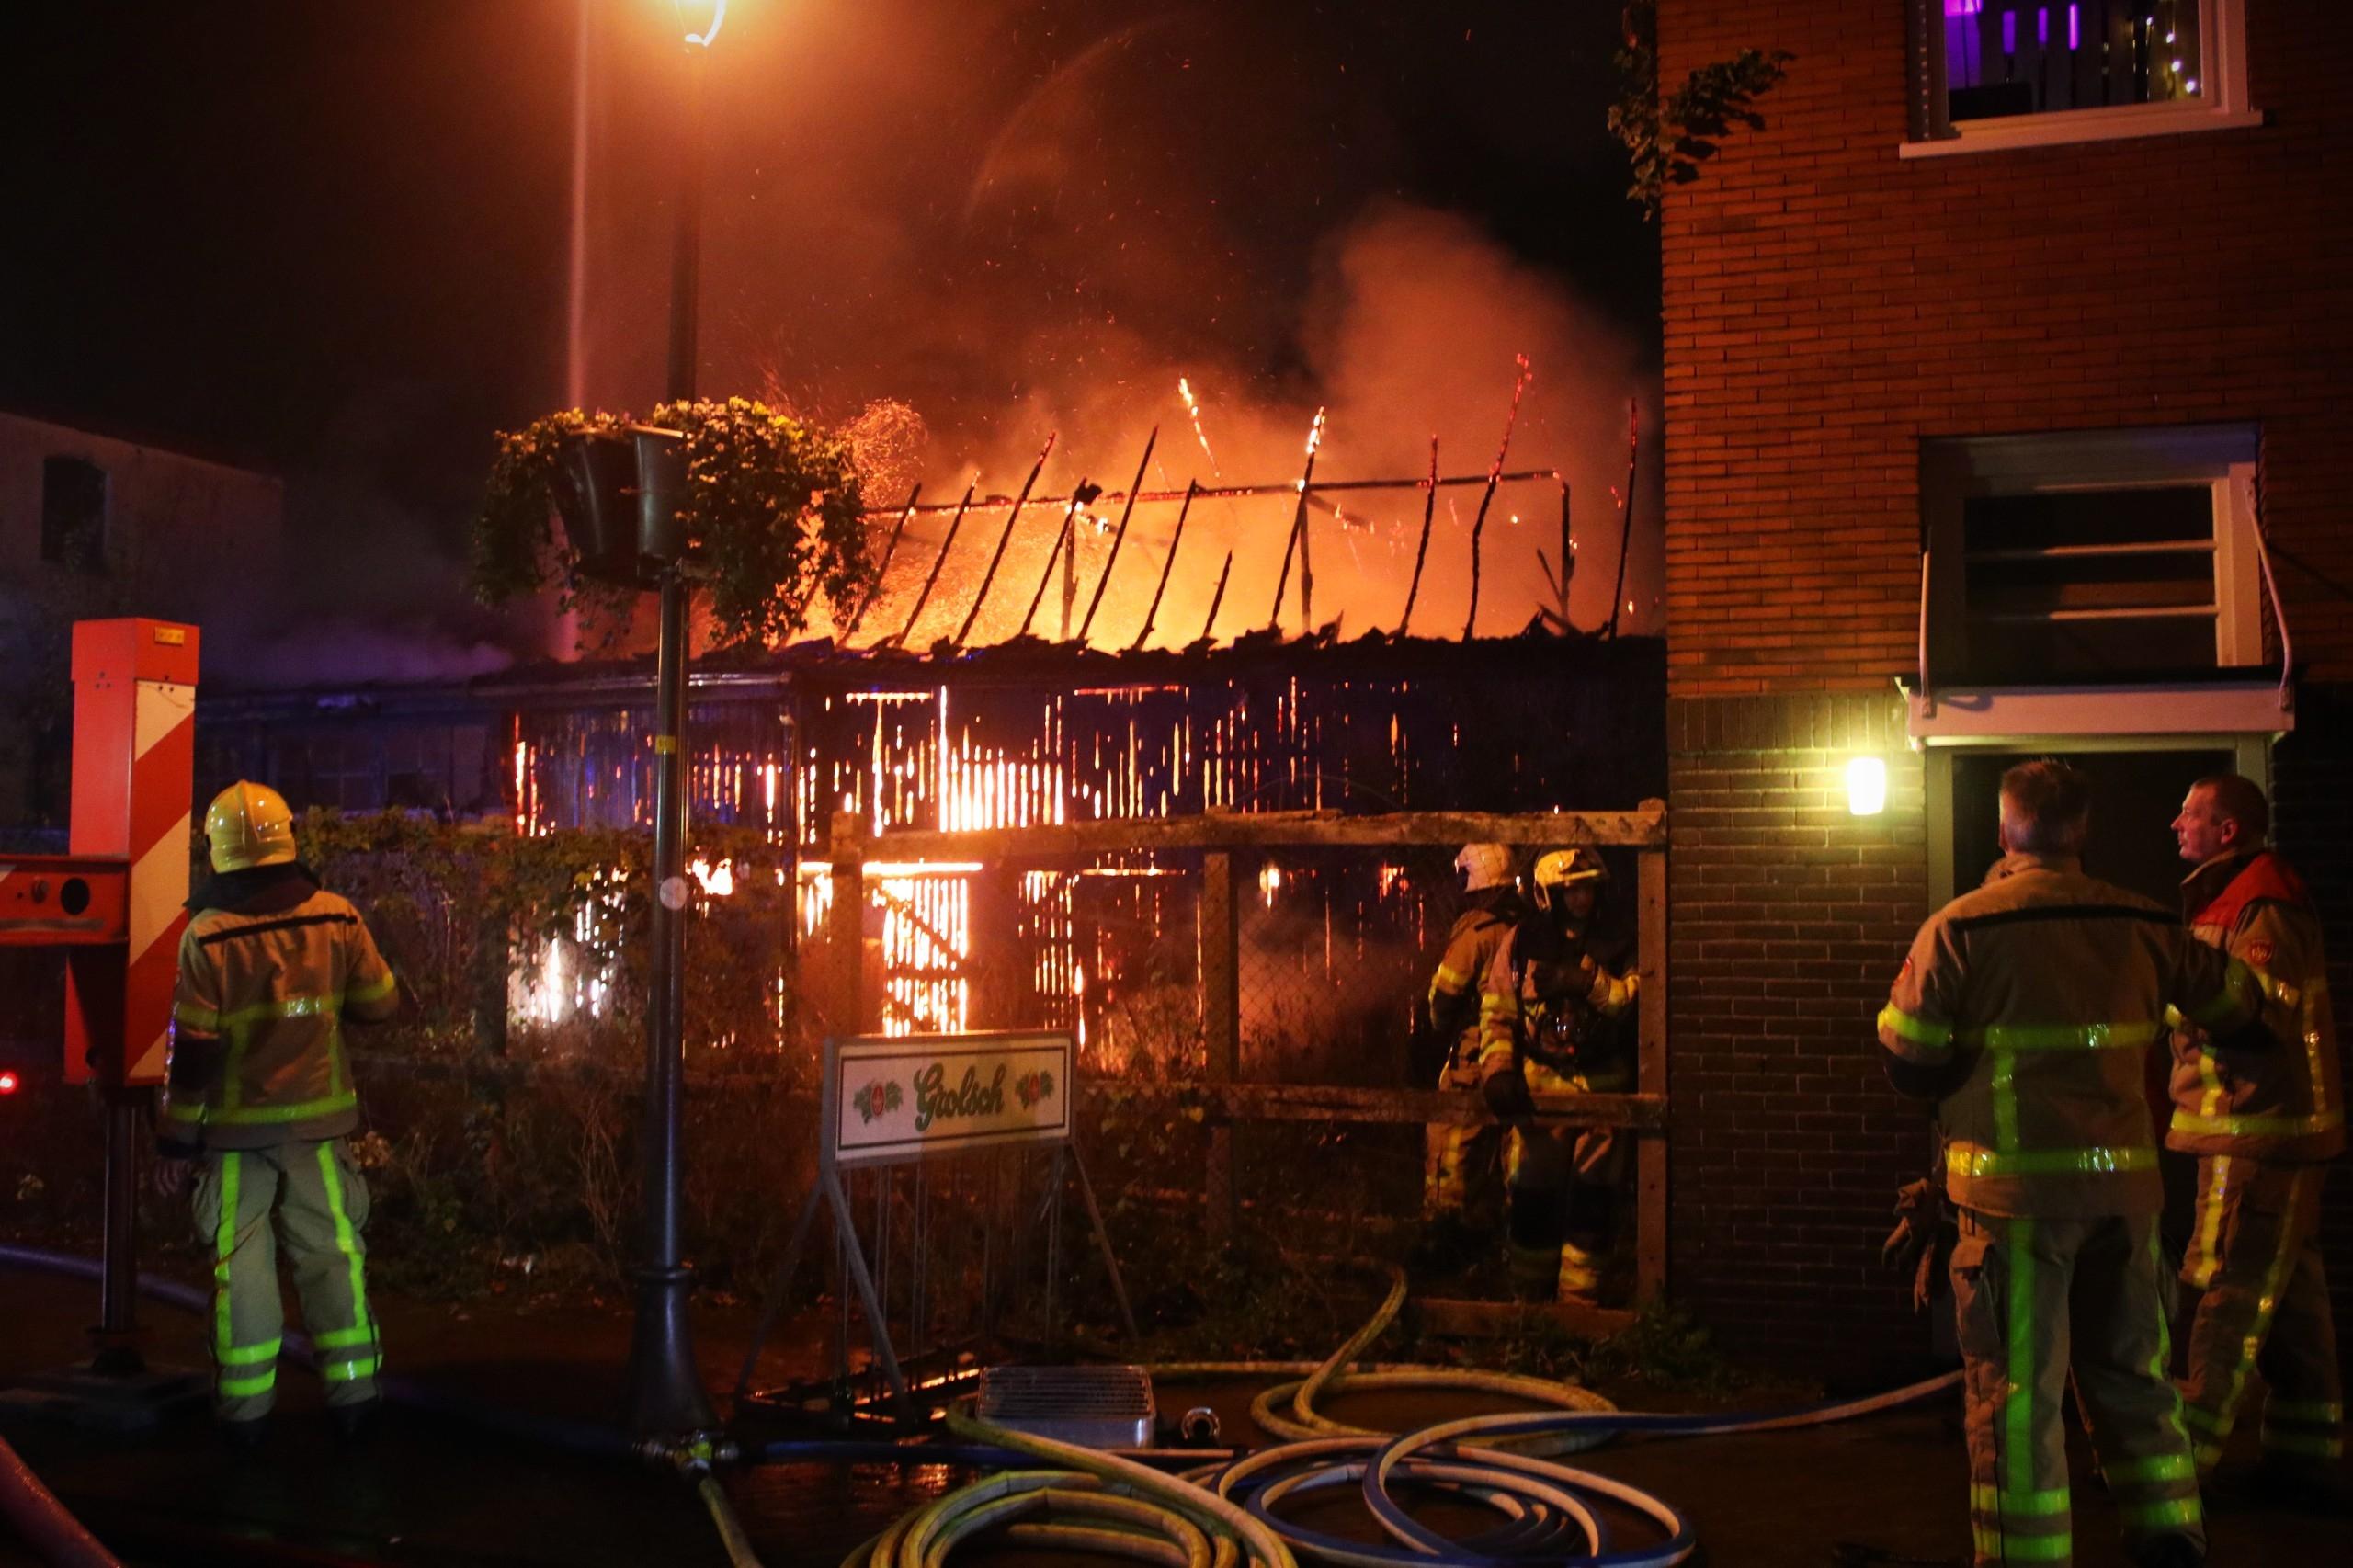 Grote uitslaande brand in centrum van Apeldoorn